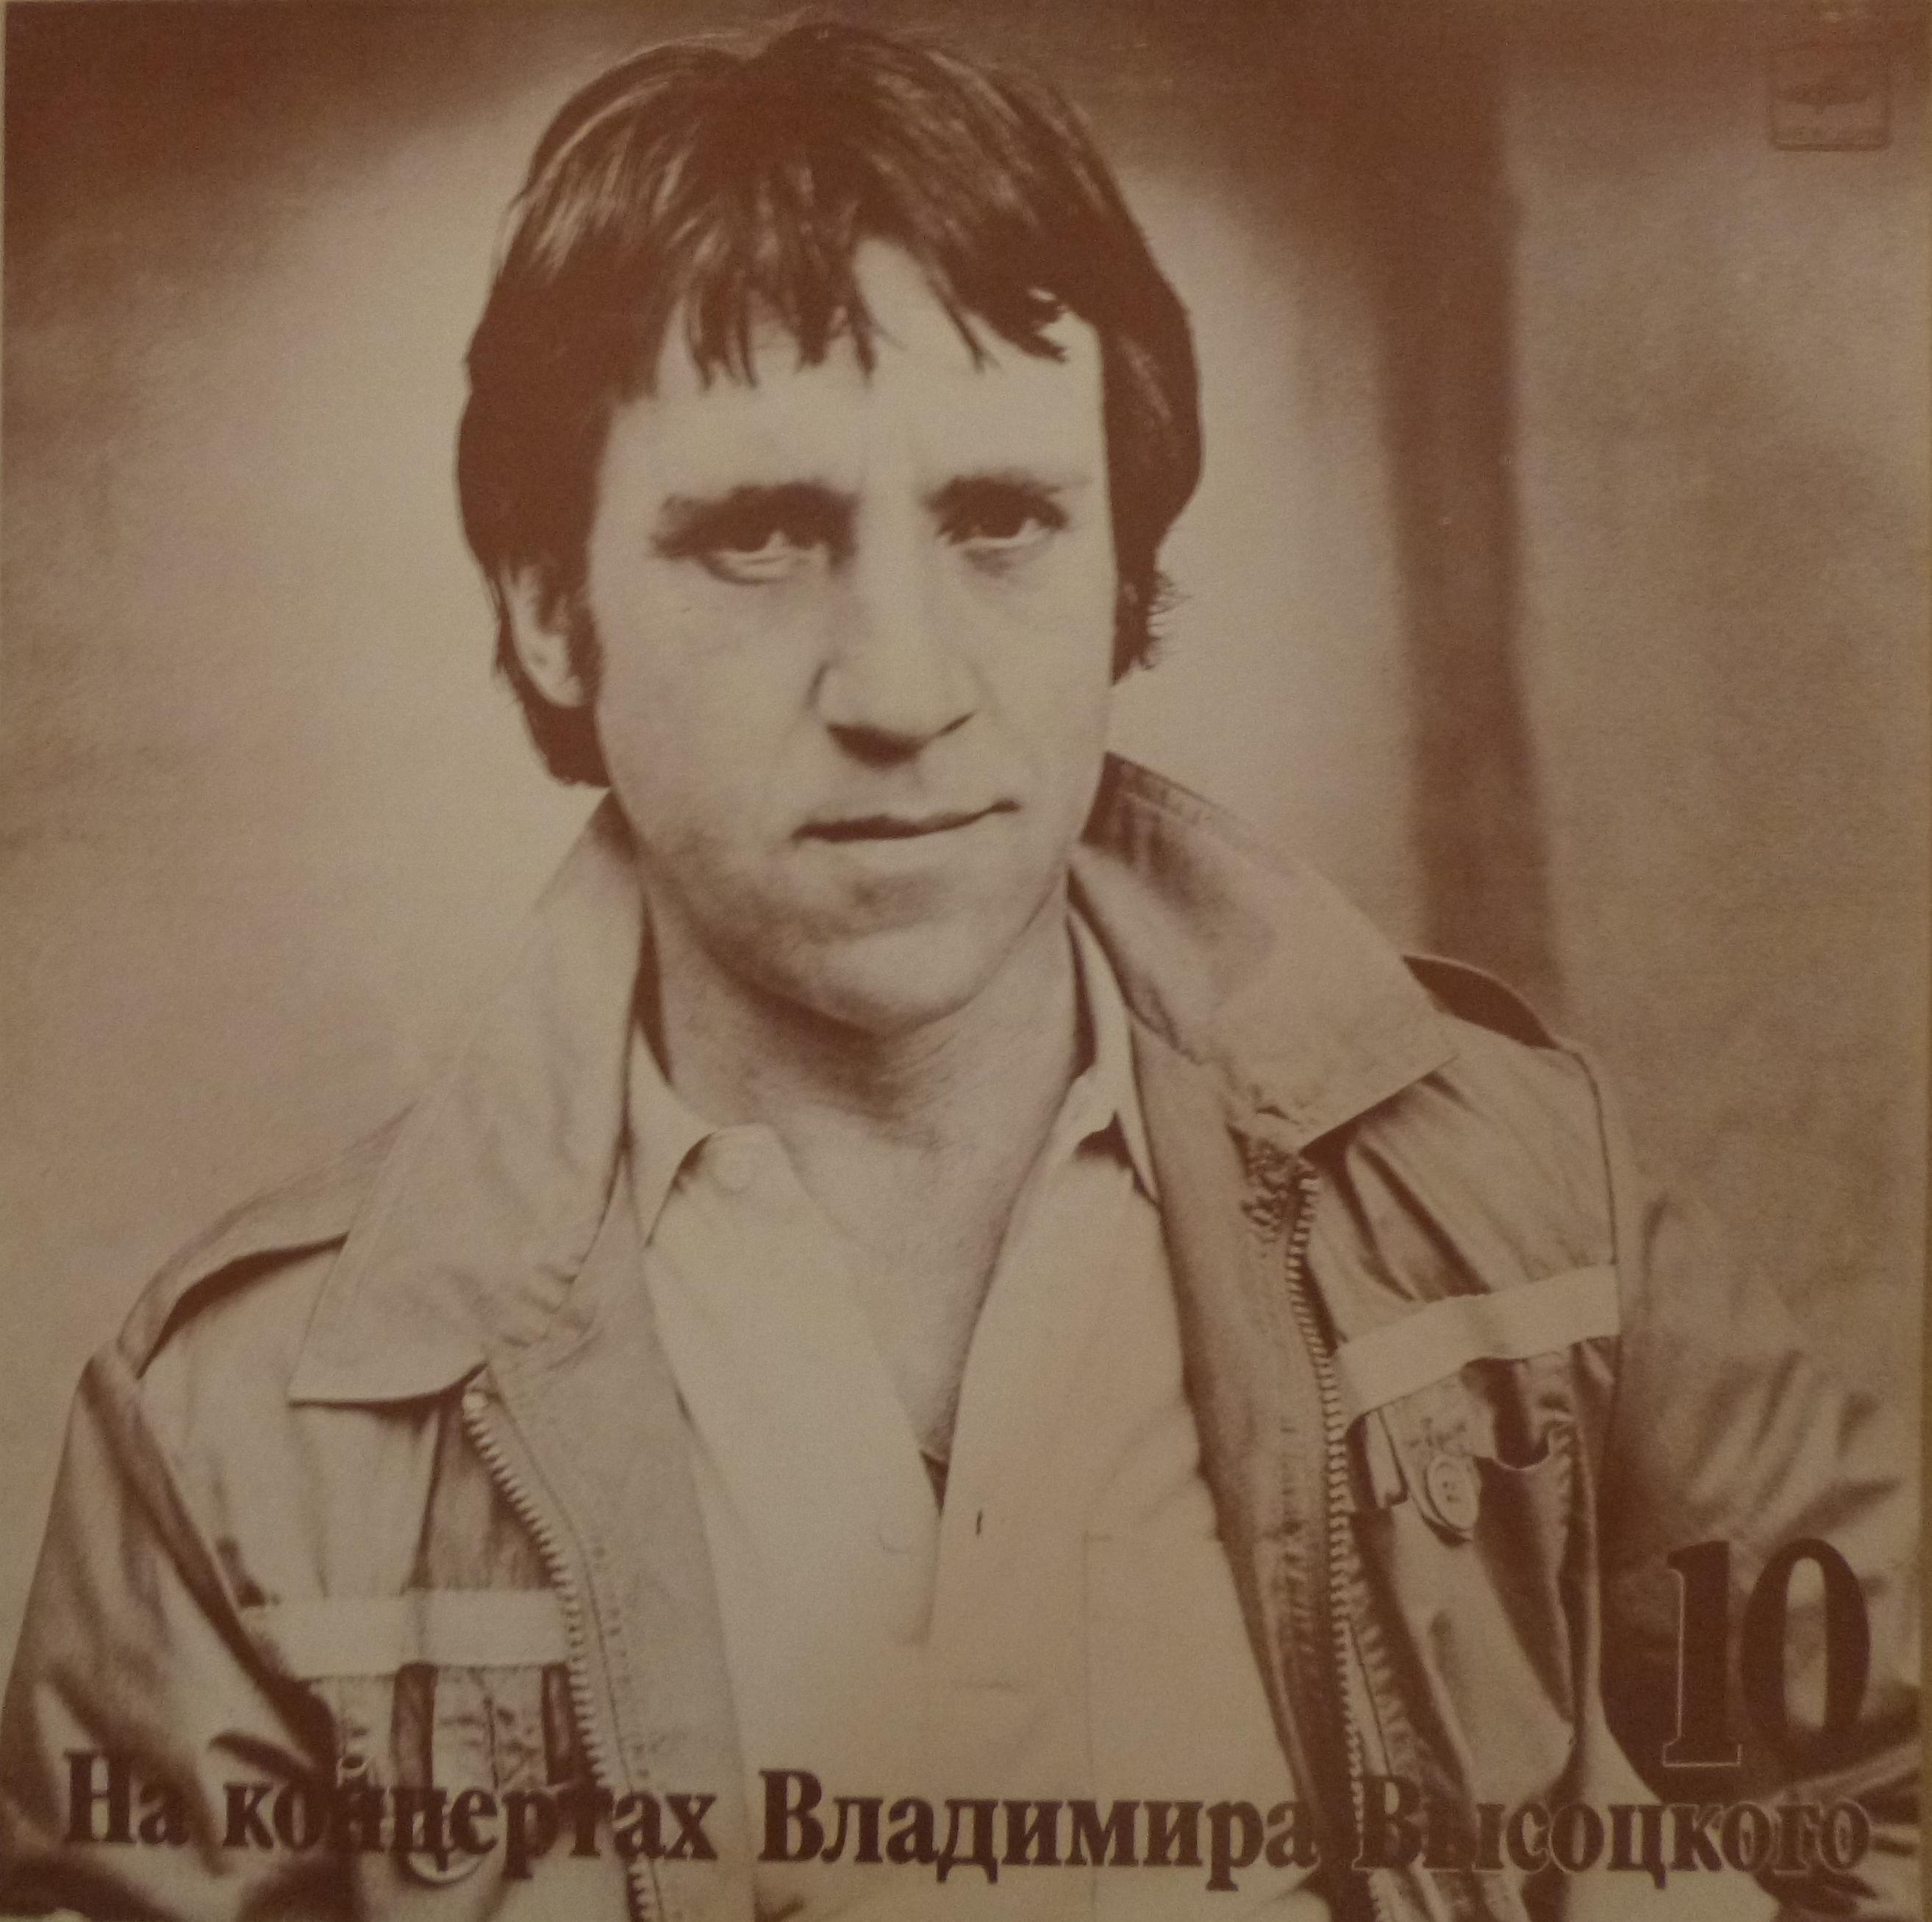 Аркадий высоцкий и его дети фото